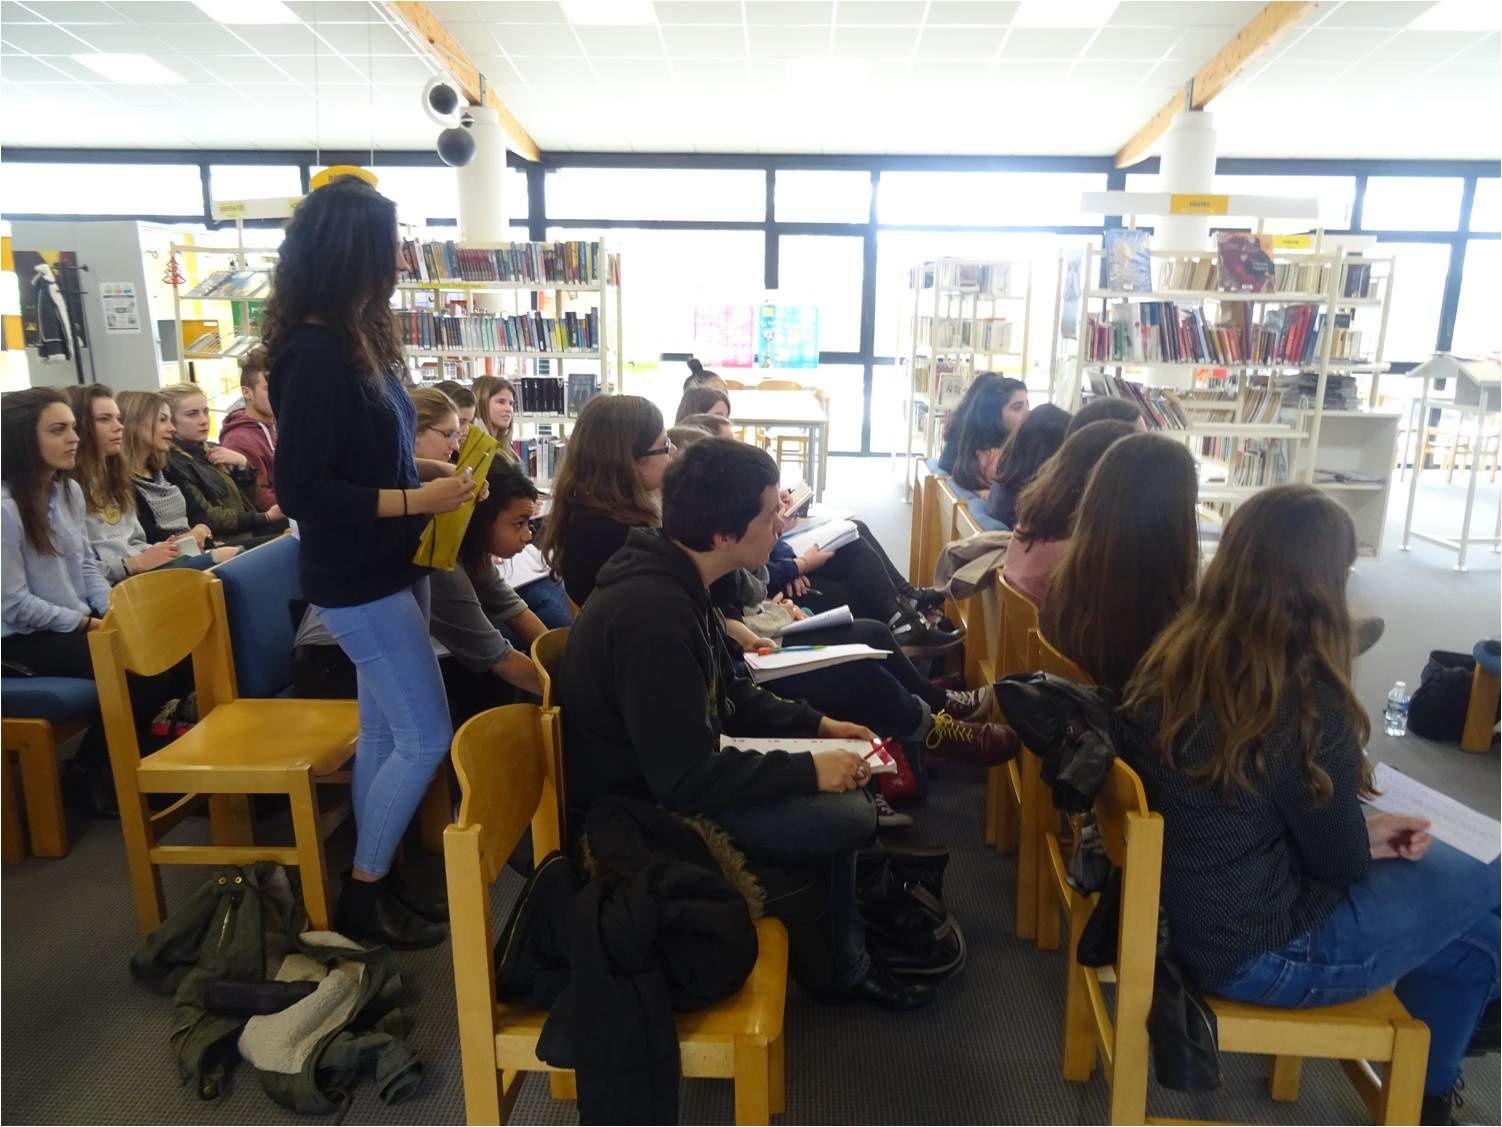 24-03-16 : Rencontre avec Rémi Checchetto au CDI du lycée de l'Iroise, puis à la médiathèque Saint-Marc